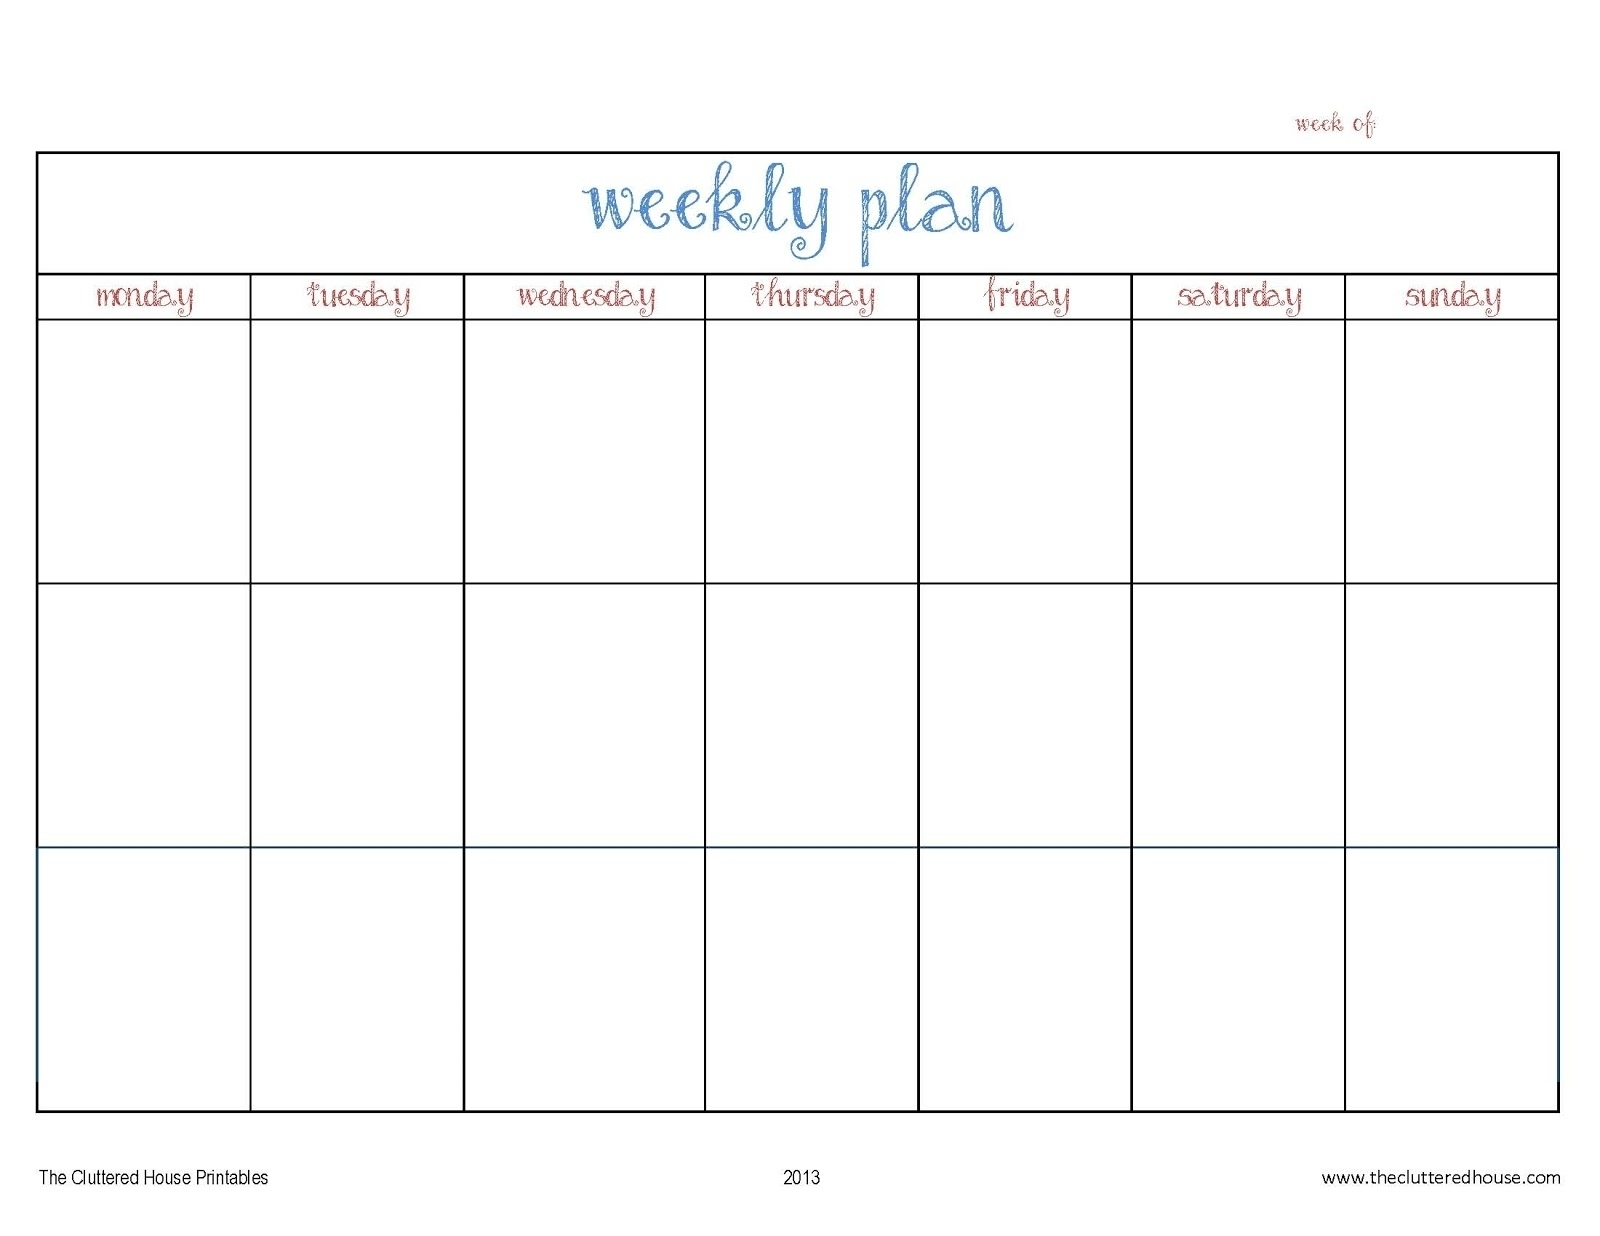 007 Week Calendar Tura Mansiondelrio Co Template Two Weeks